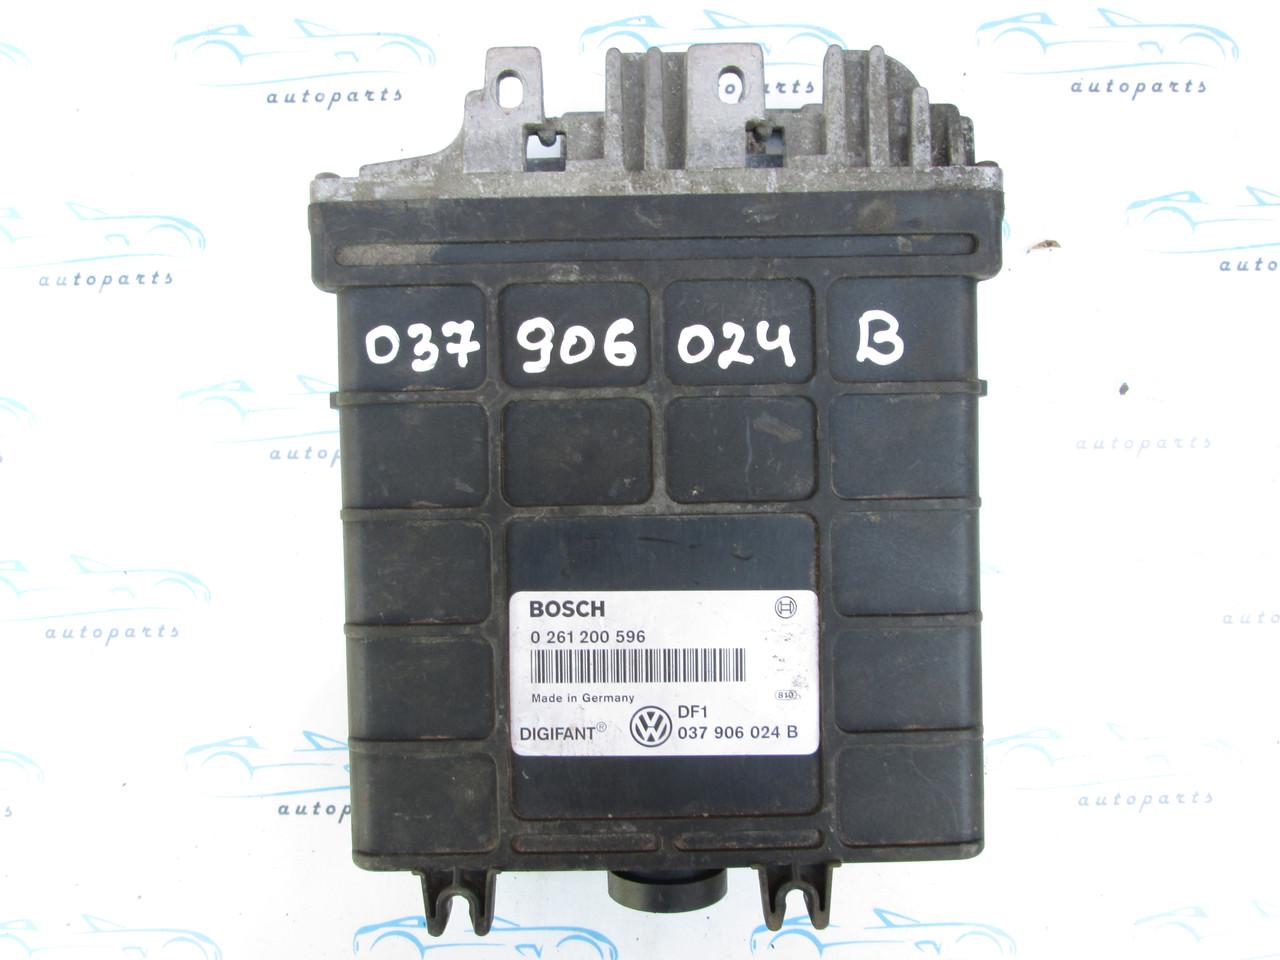 Блок управления VAG DIGIFANT 037906024B, 0261200596.